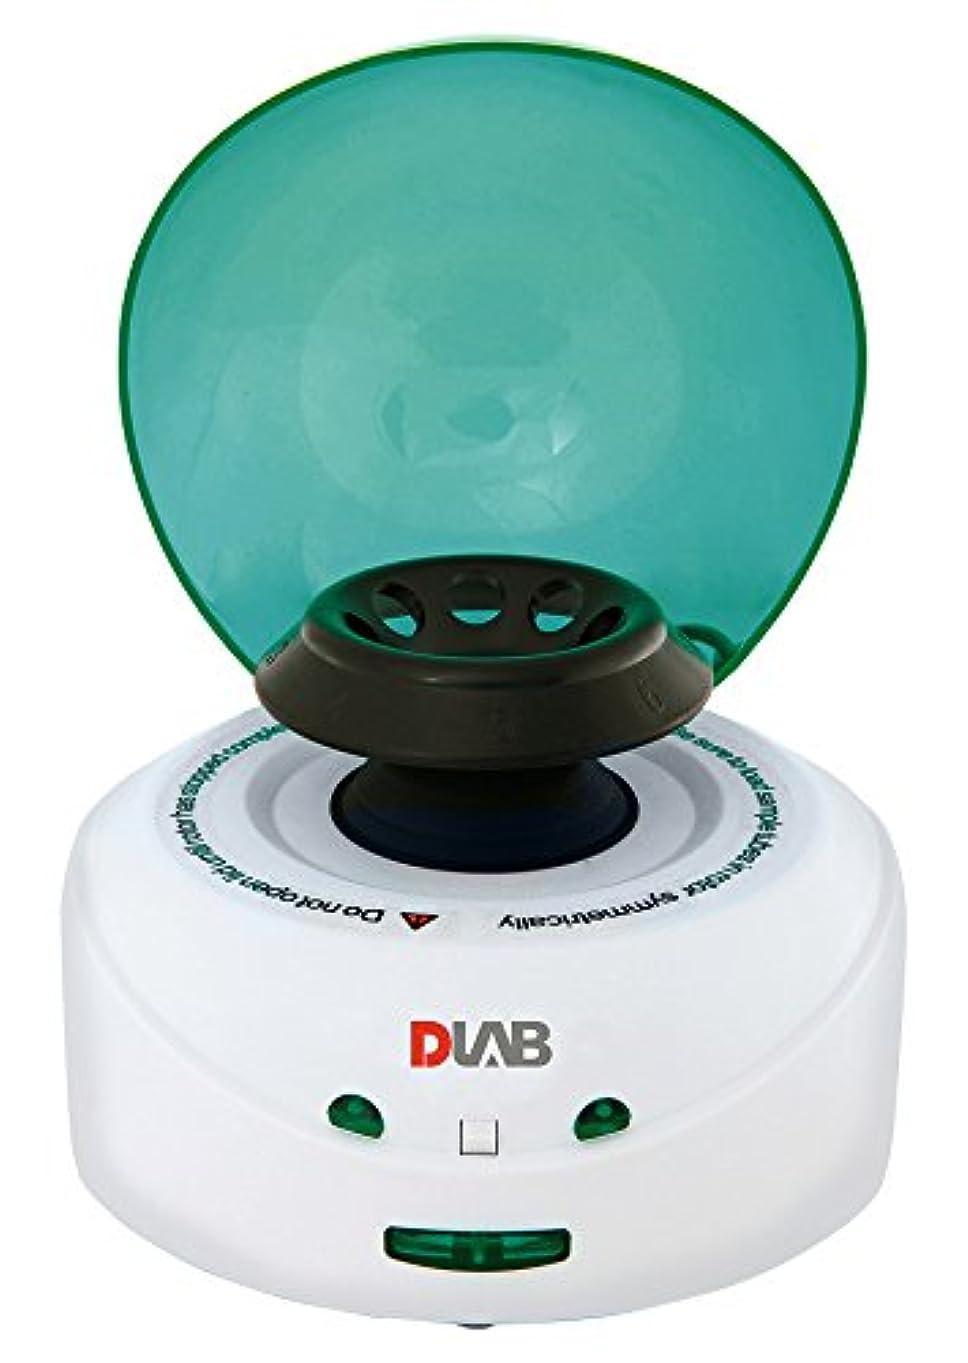 正統派ファウル扱いやすいDLAB 卓上小型遠心機